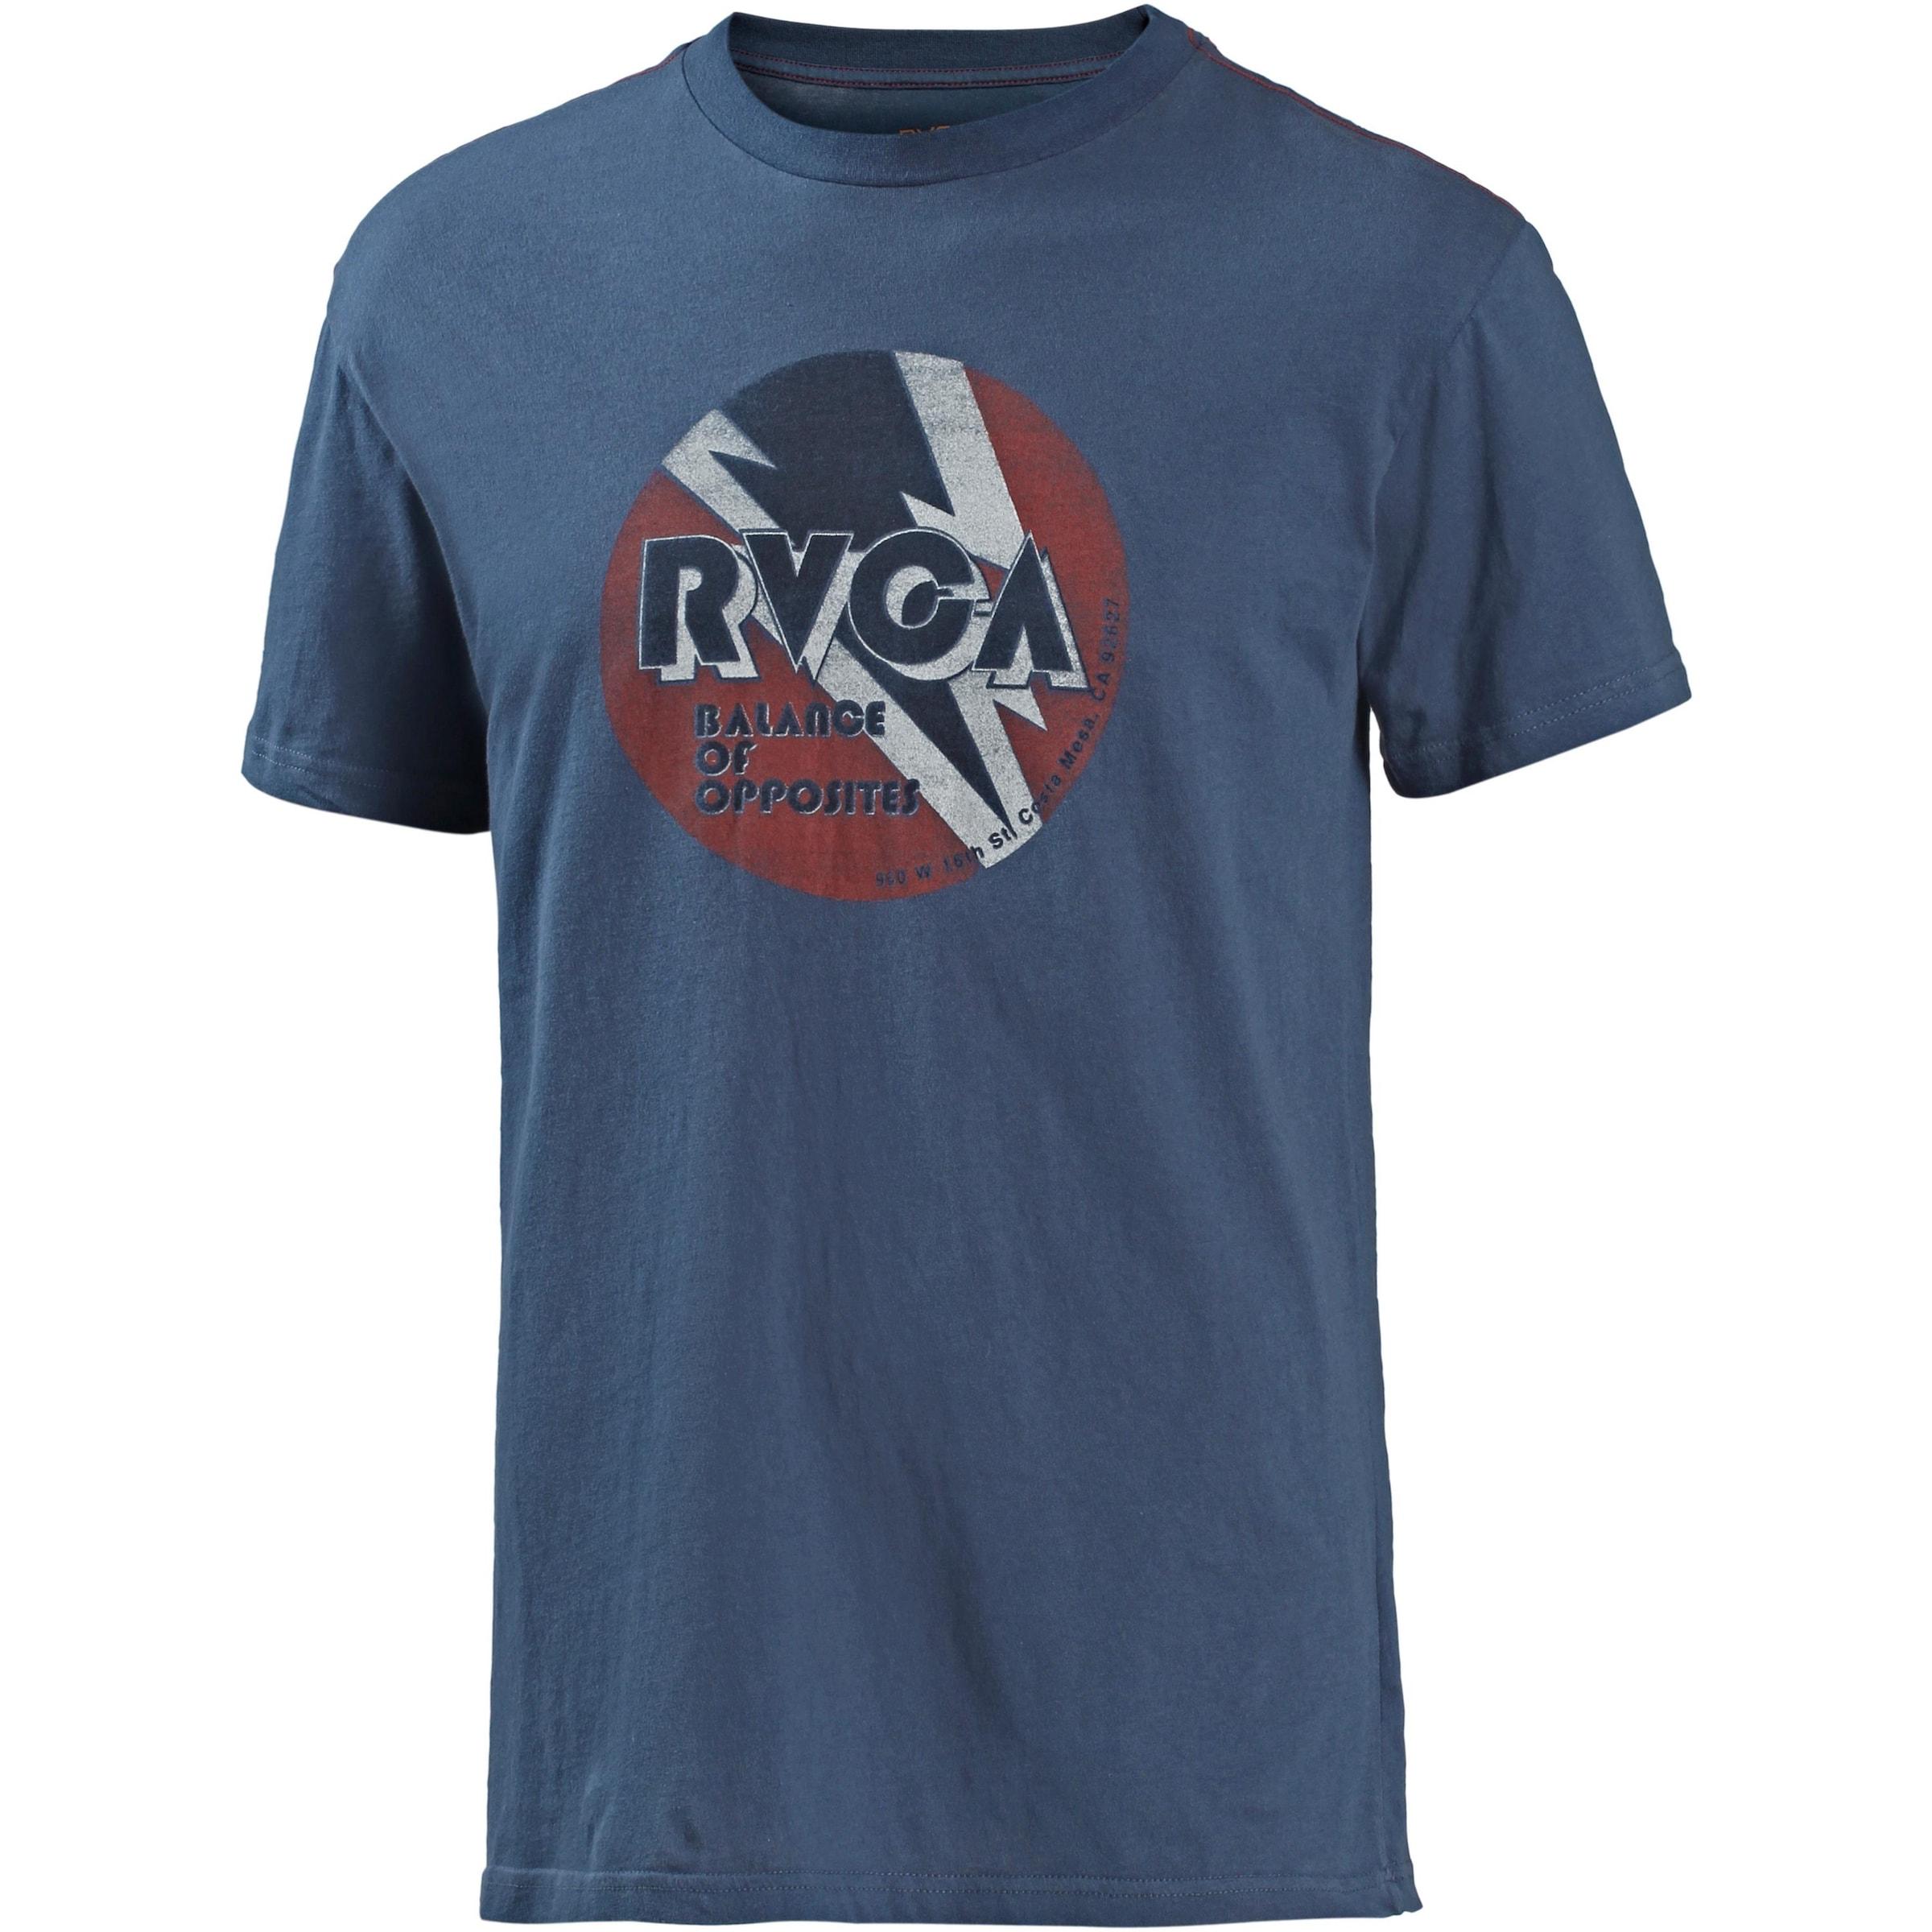 RVCA T-Shirt 'Volt' Schlussverkauf Freies Verschiffen Rabatt Einen Günstigen Online-Verkauf Ausgezeichnet Zum Verkauf nOK97vEURD